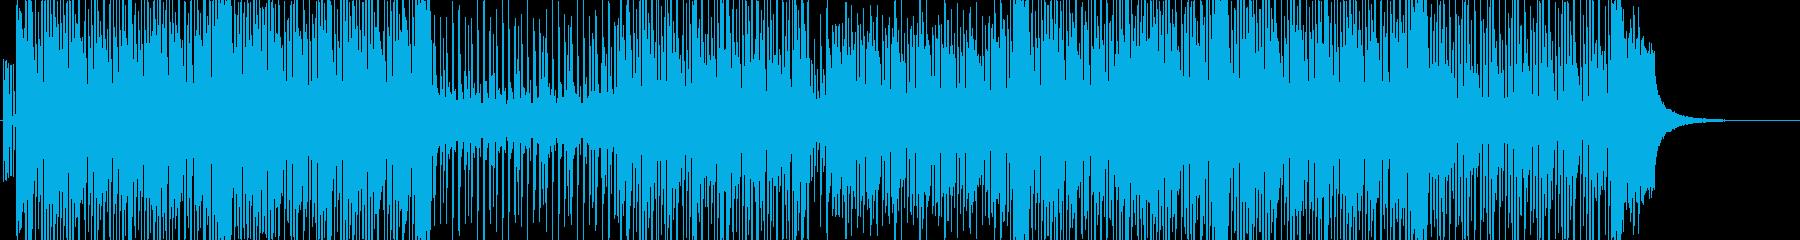 お笑いライブなどにぴったりなBGMの再生済みの波形